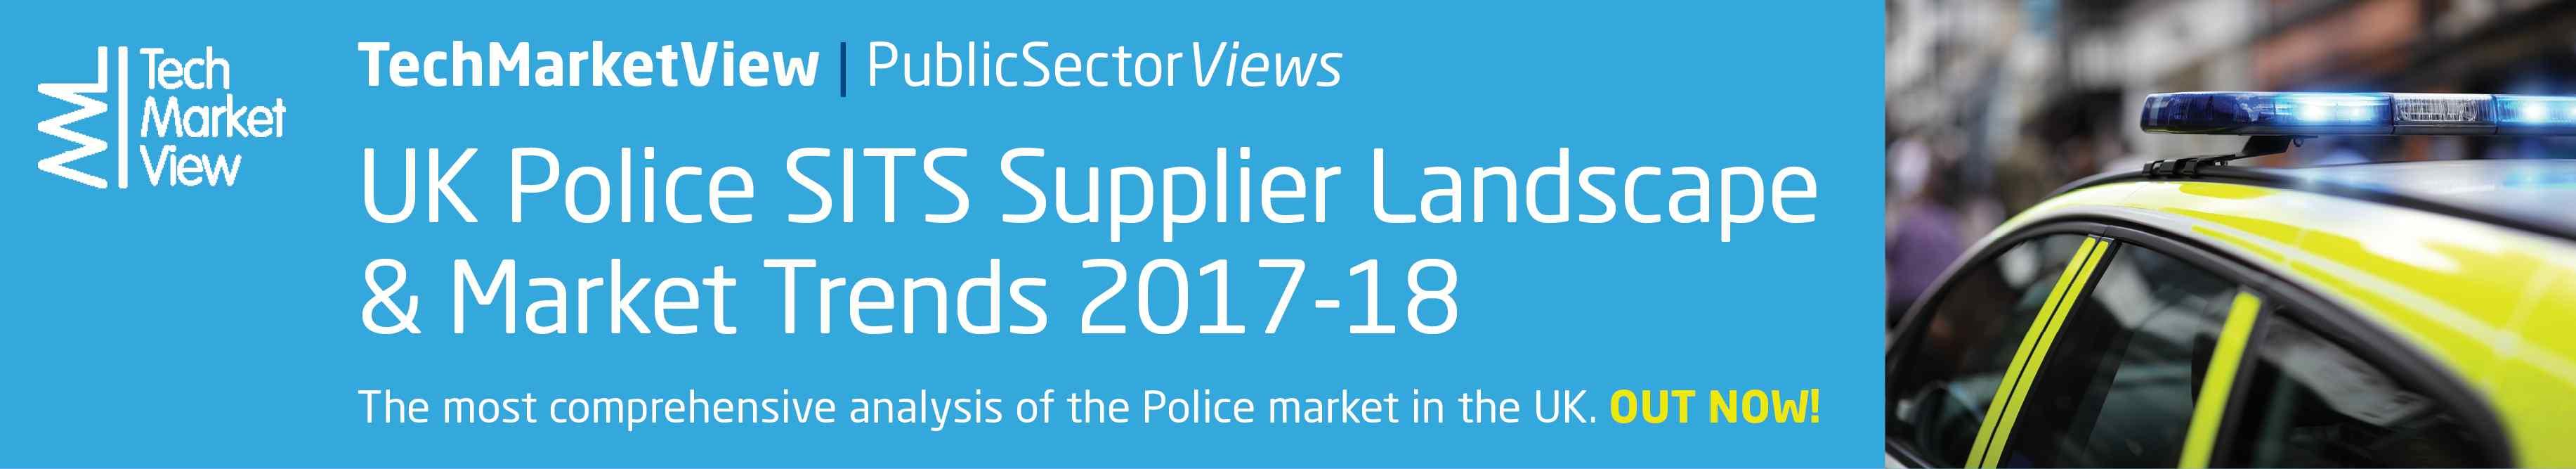 PSV UK SITS Supplier Landscape and Market Trends 2017-2018